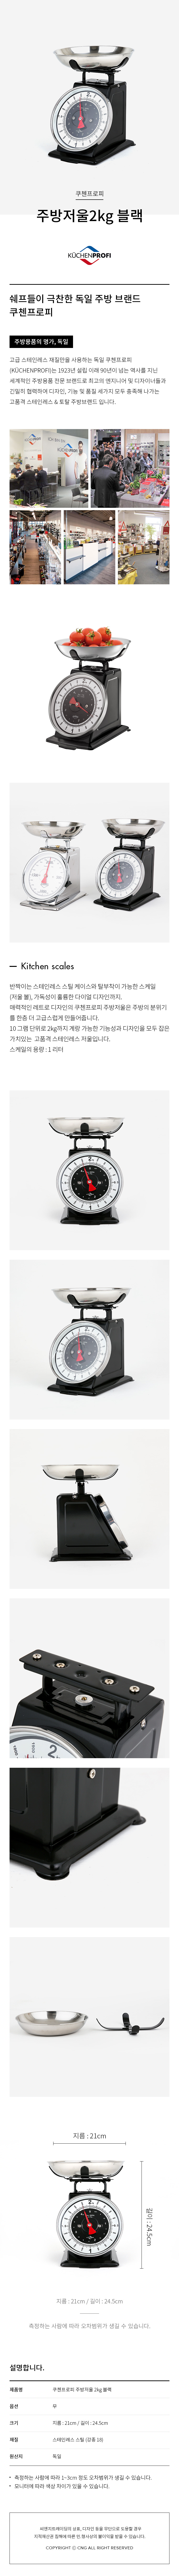 쿠첸프로피 주방저울 2kg 블랙 - 쿠첸프로피, 99,000원, 계량도구, 저울